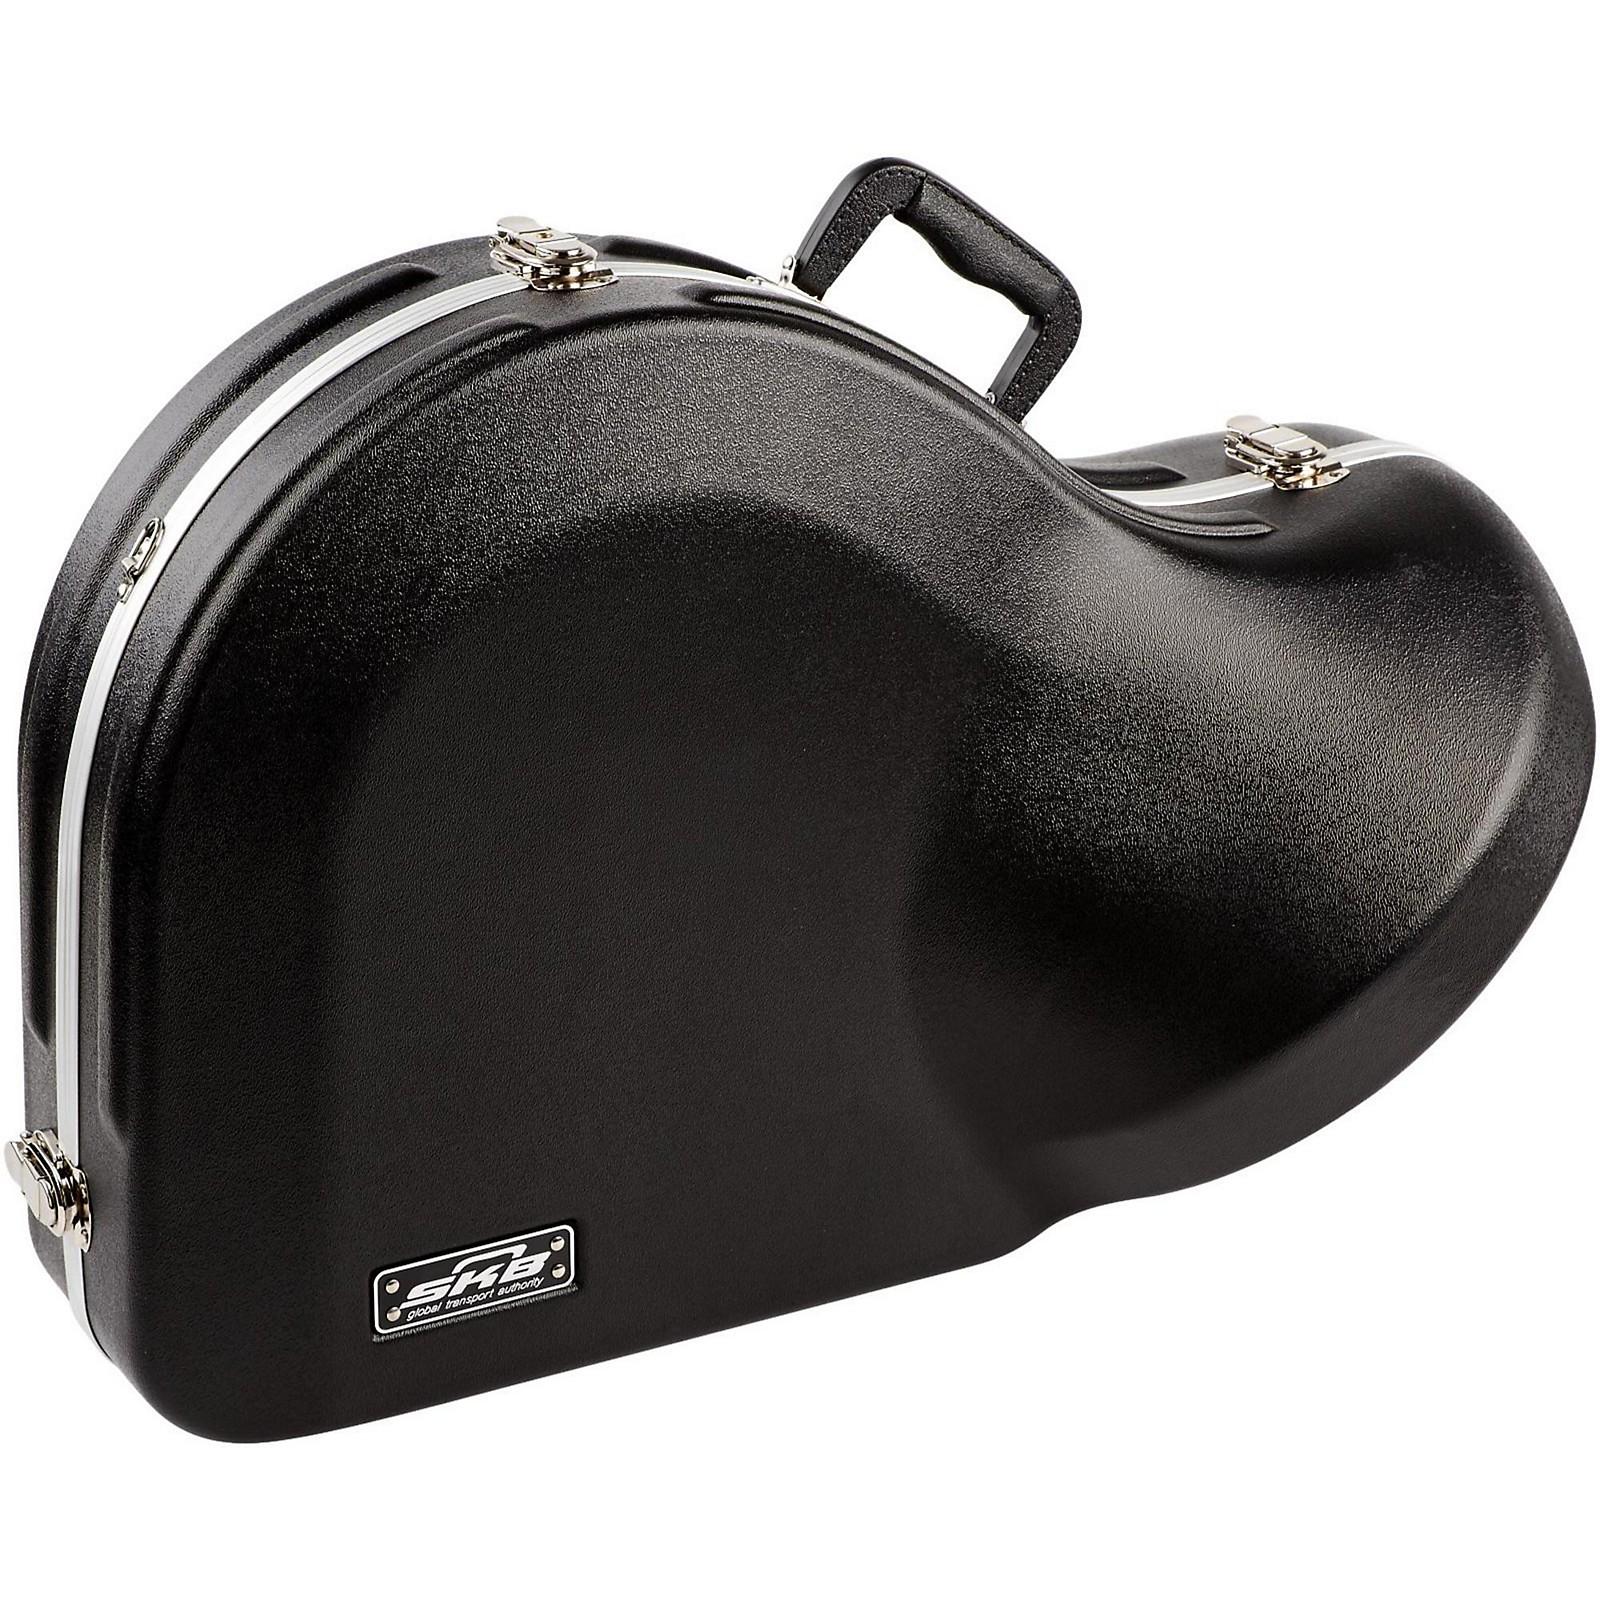 SKB SKB-370 French Horn Case